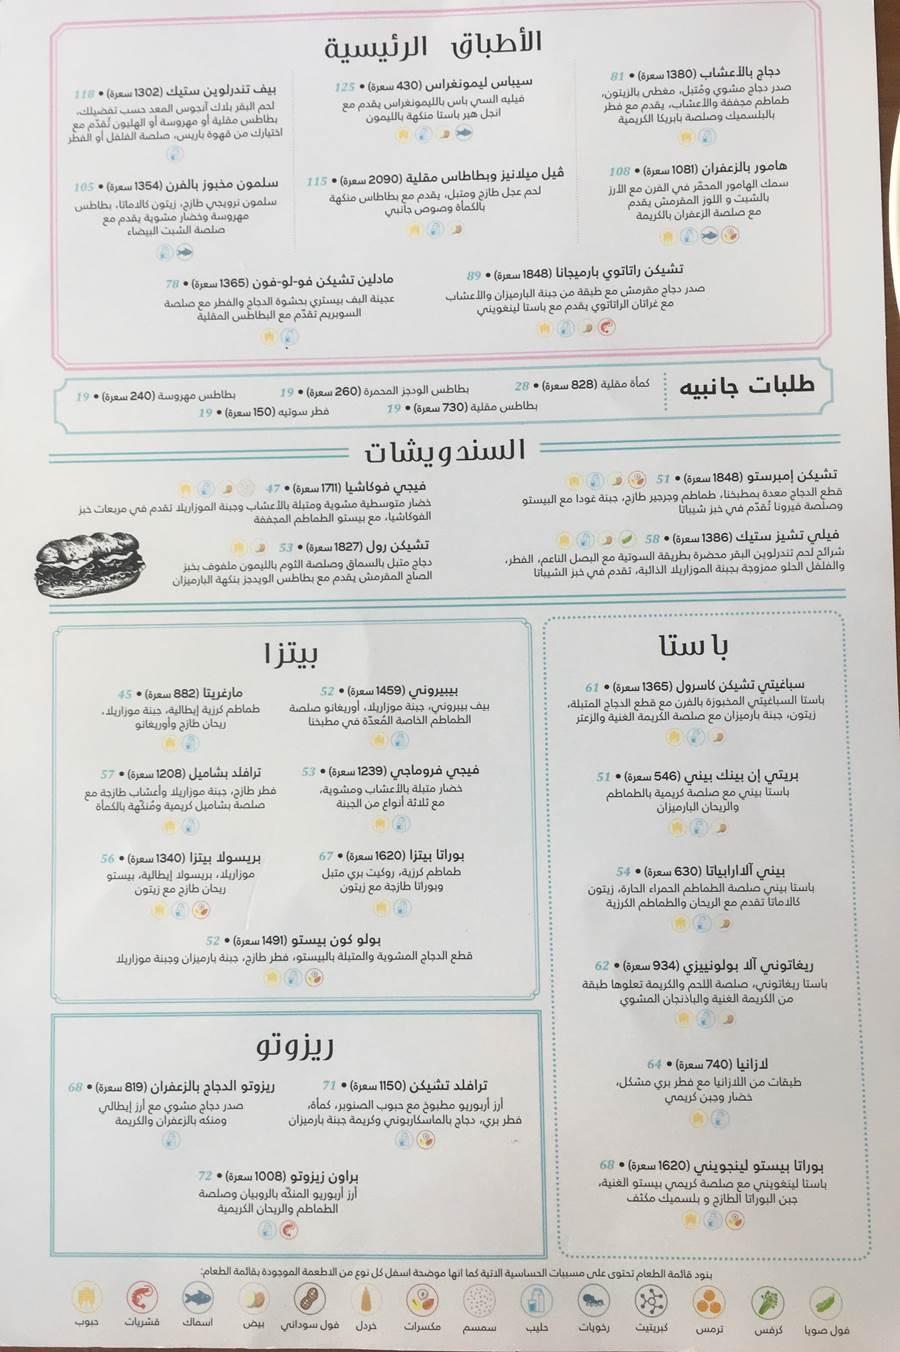 مطعم مادلين | المنيو وراقام التواصل لجميع الفروع